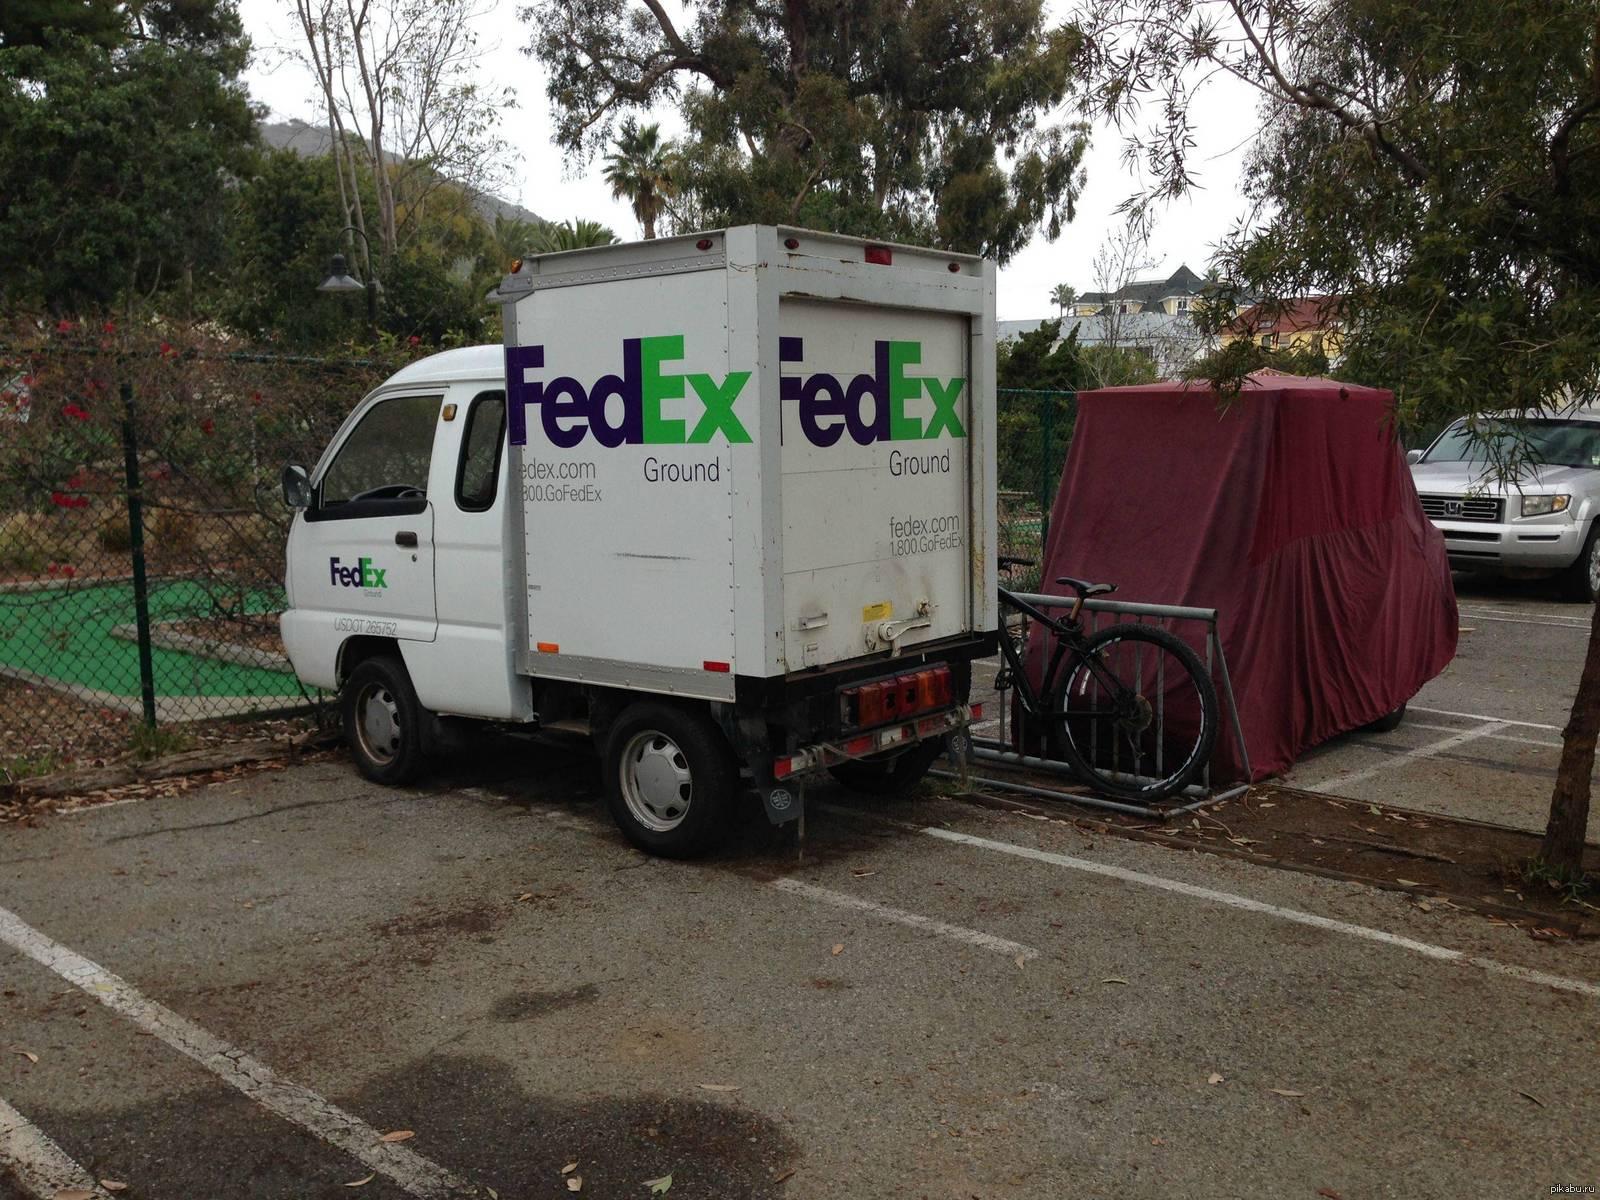 Caveman Download Fedex